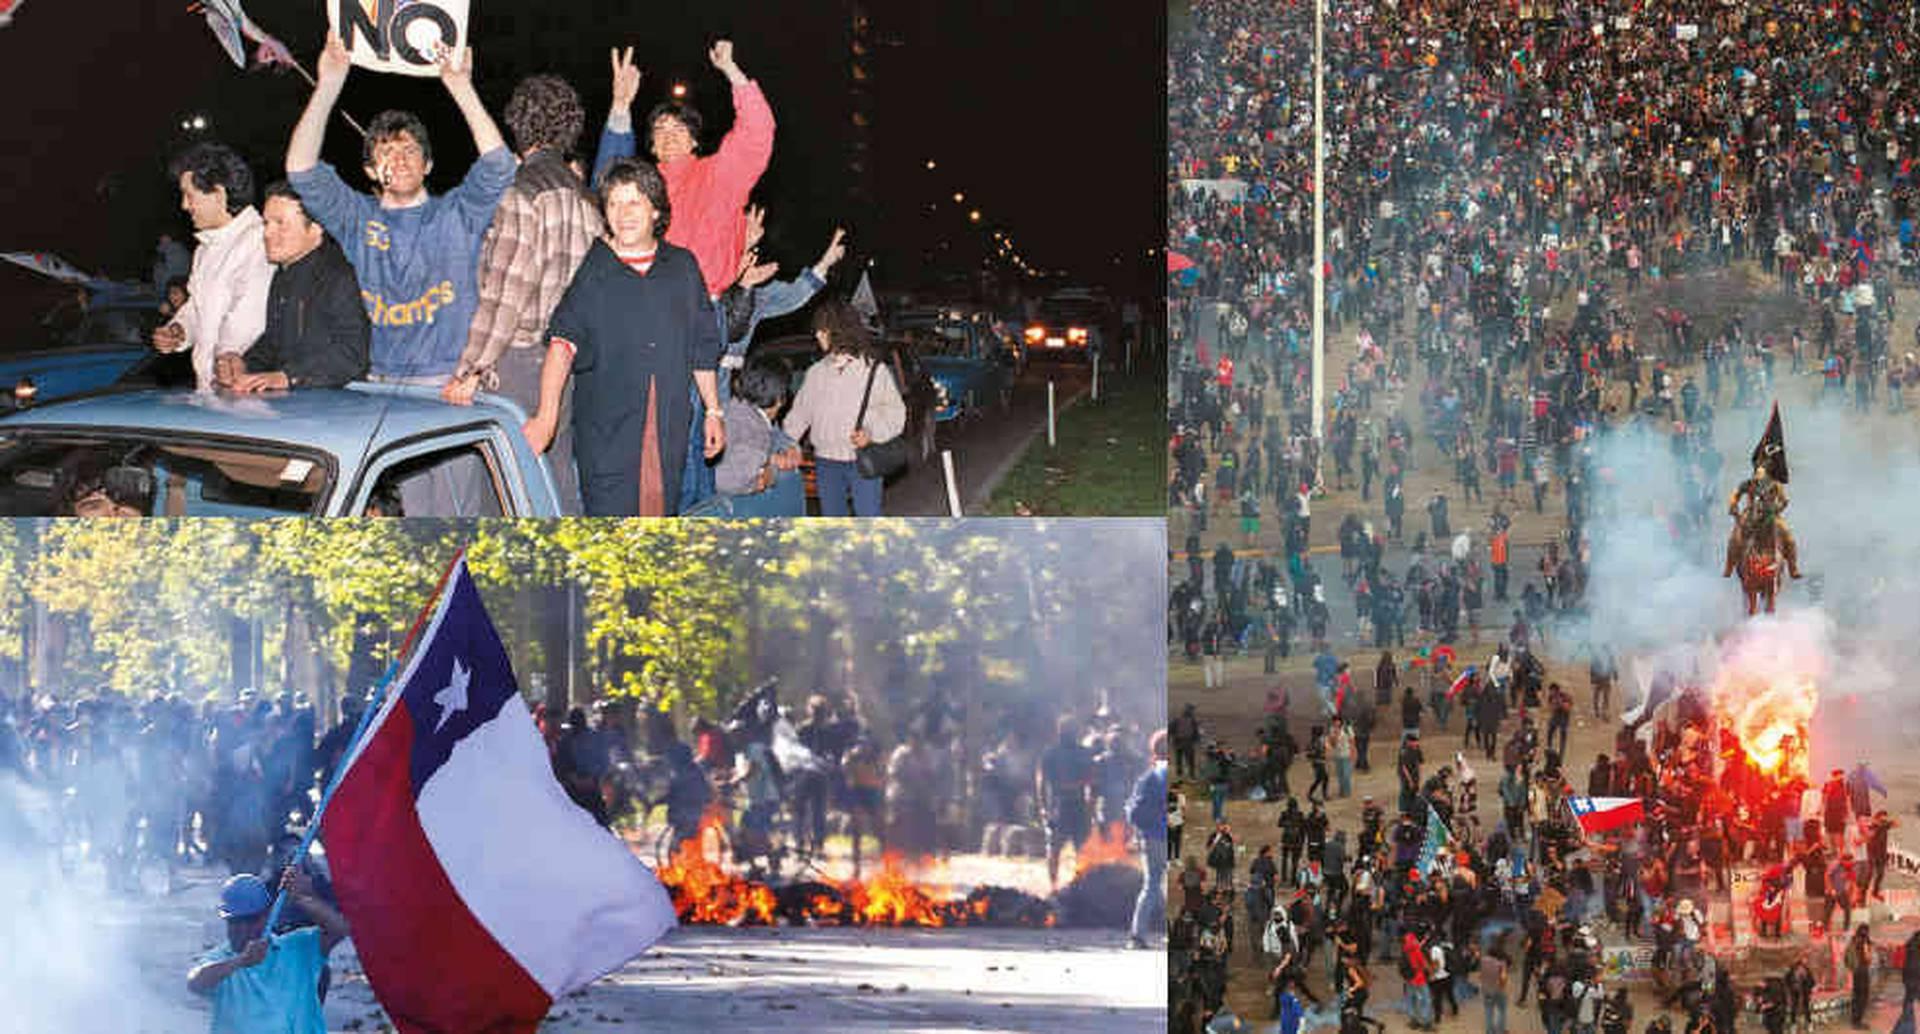 Las protestas que Chile vive desde octubre son las más fuertes desde el retorno de la democracia. Piden una reforma social y una nueva constitución.